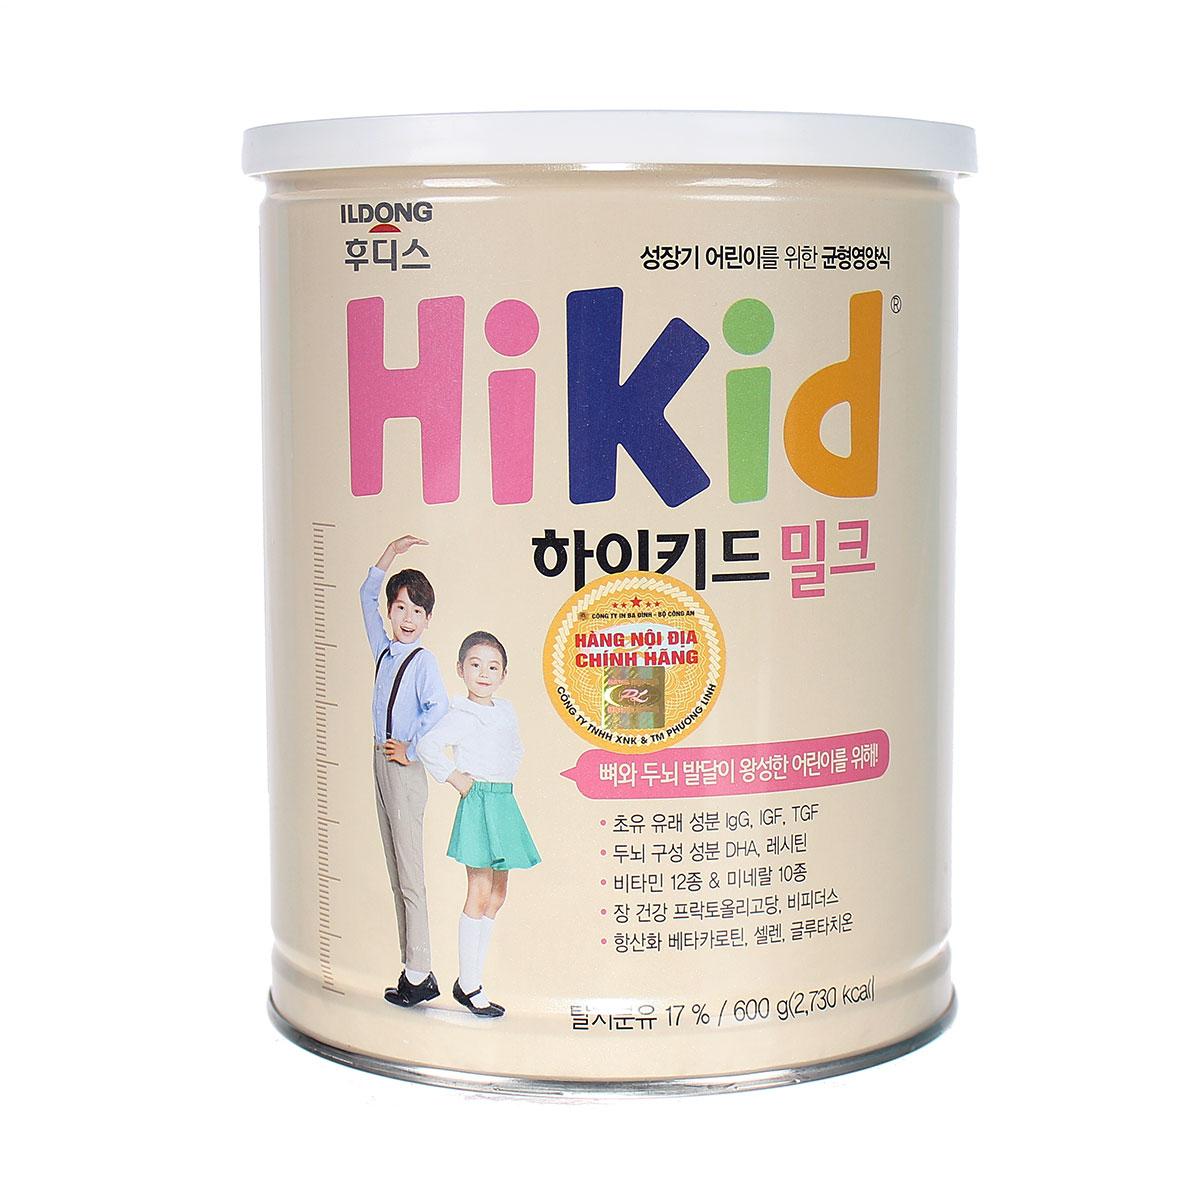 Sữa bò Hikid vị Vani 600g nhập khẩu nguyên lon từ Hàn Quốc